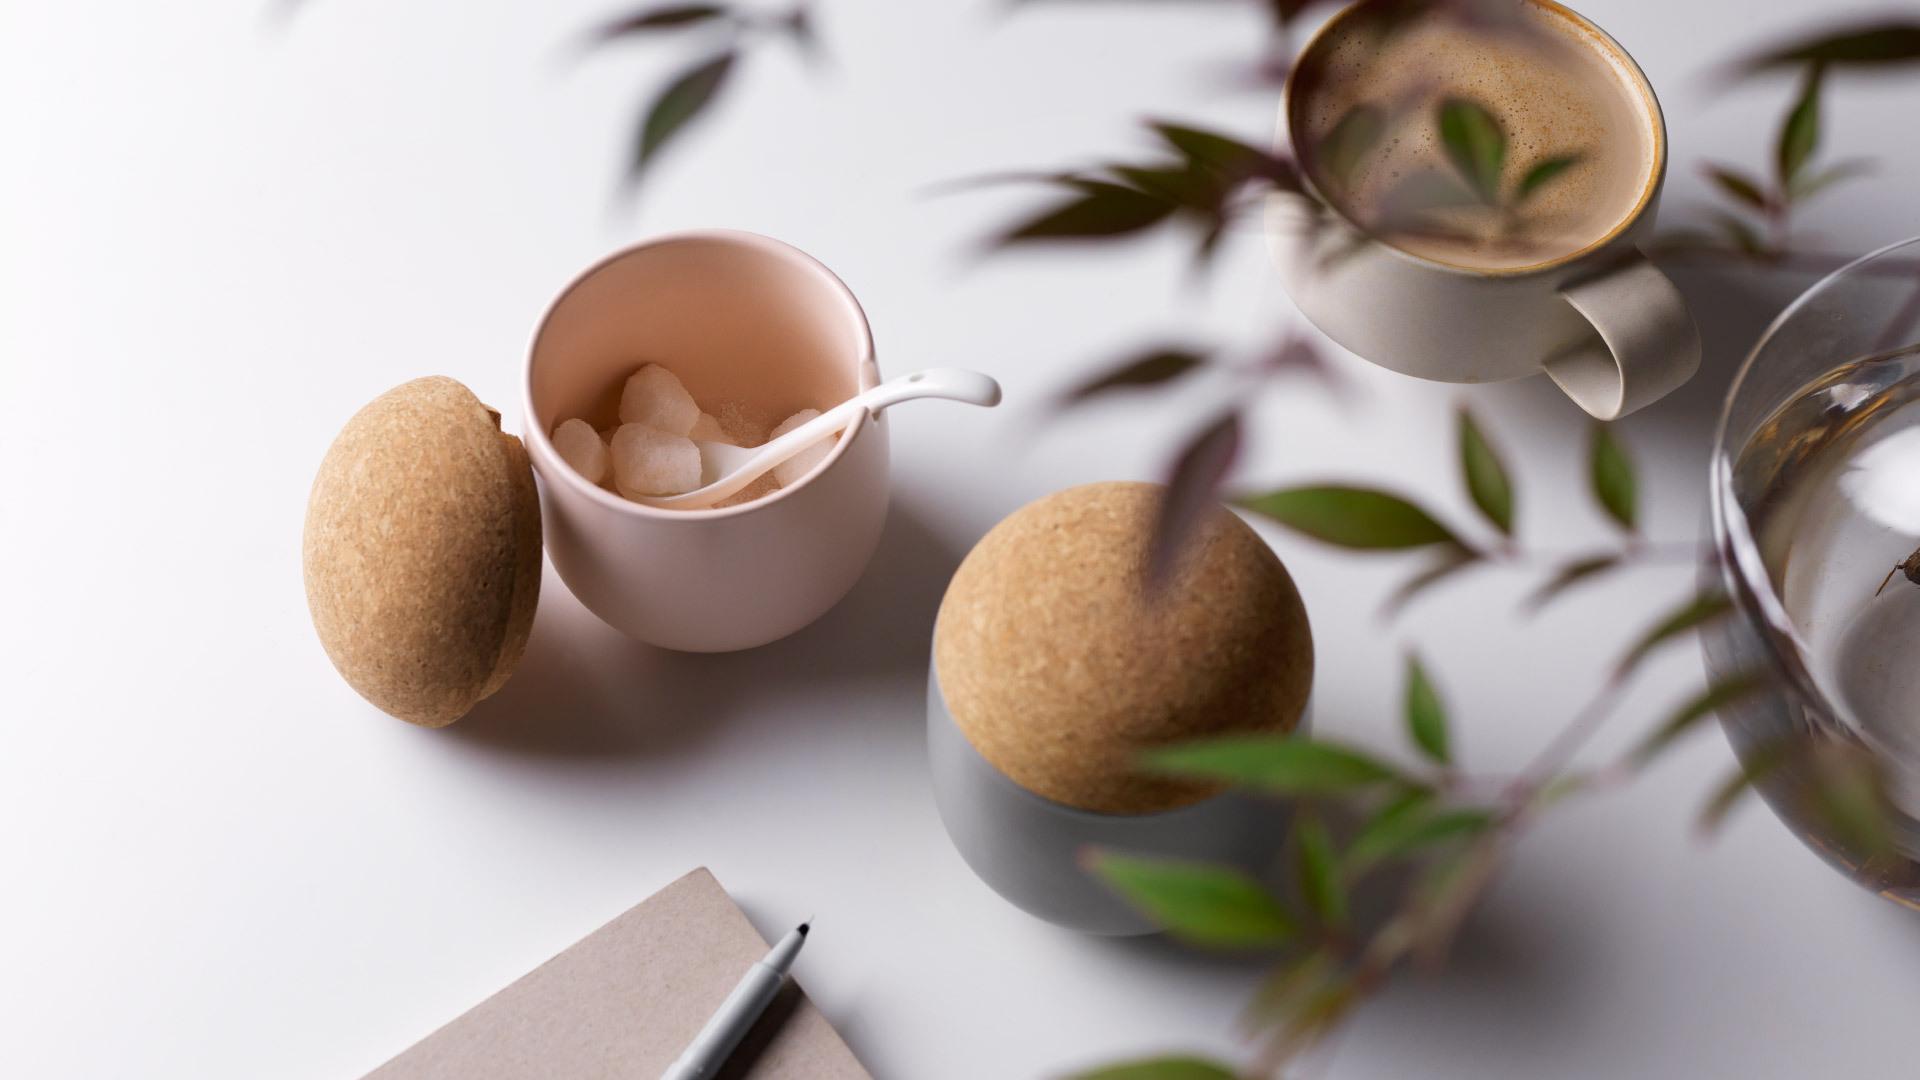 茶点时间的森林系滋味